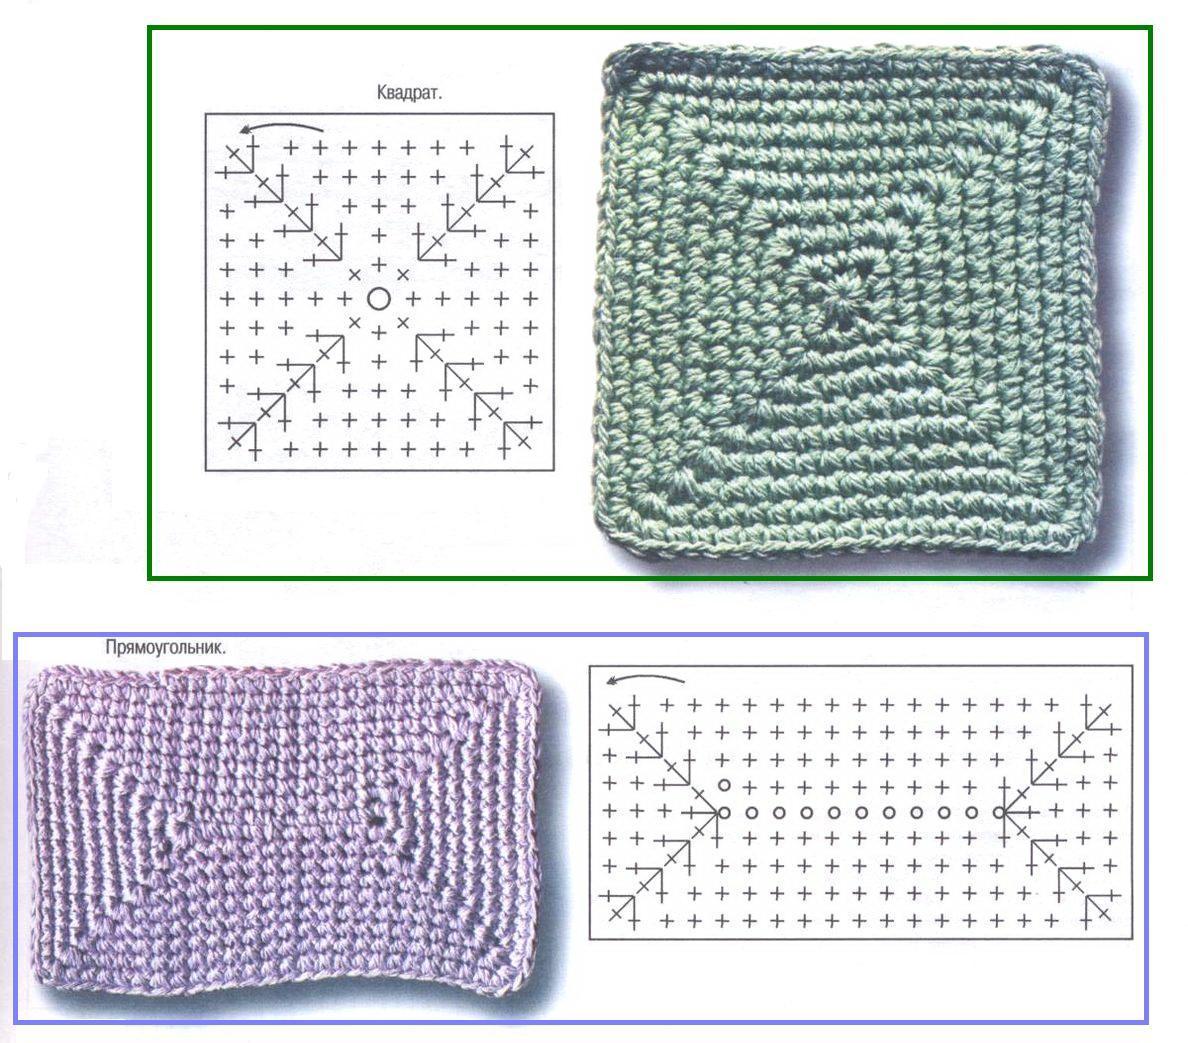 Схема квадрата из трикотажной пряжи